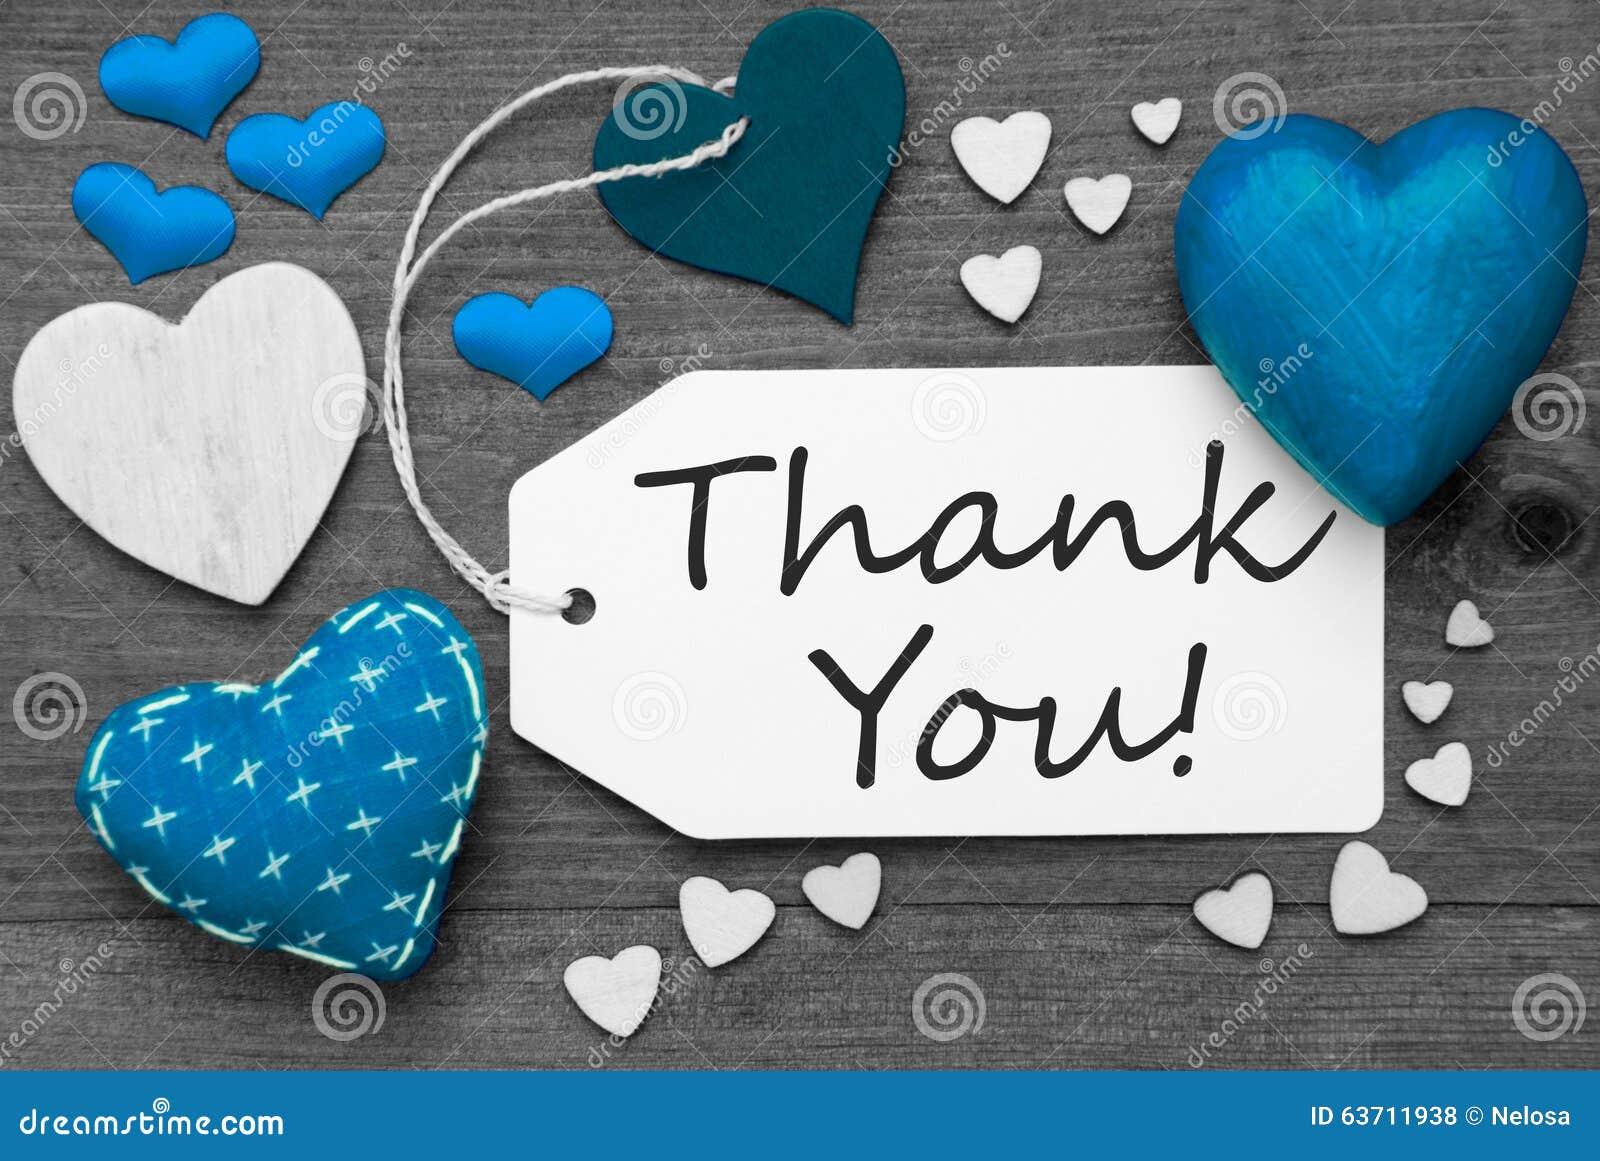 le label noir et blanc avec les coeurs bleus texte vous remercient photo stock image 63711938. Black Bedroom Furniture Sets. Home Design Ideas